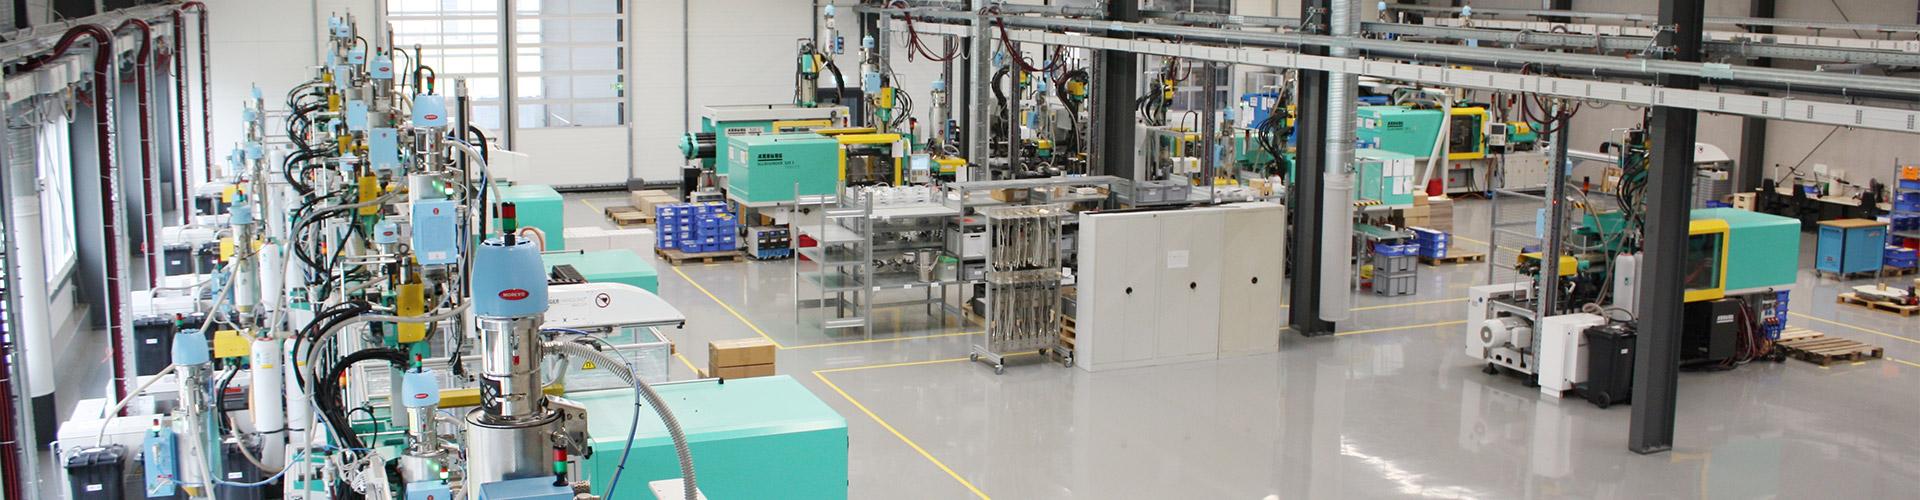 Maschinenhalle mit Spritzgussmaschinen